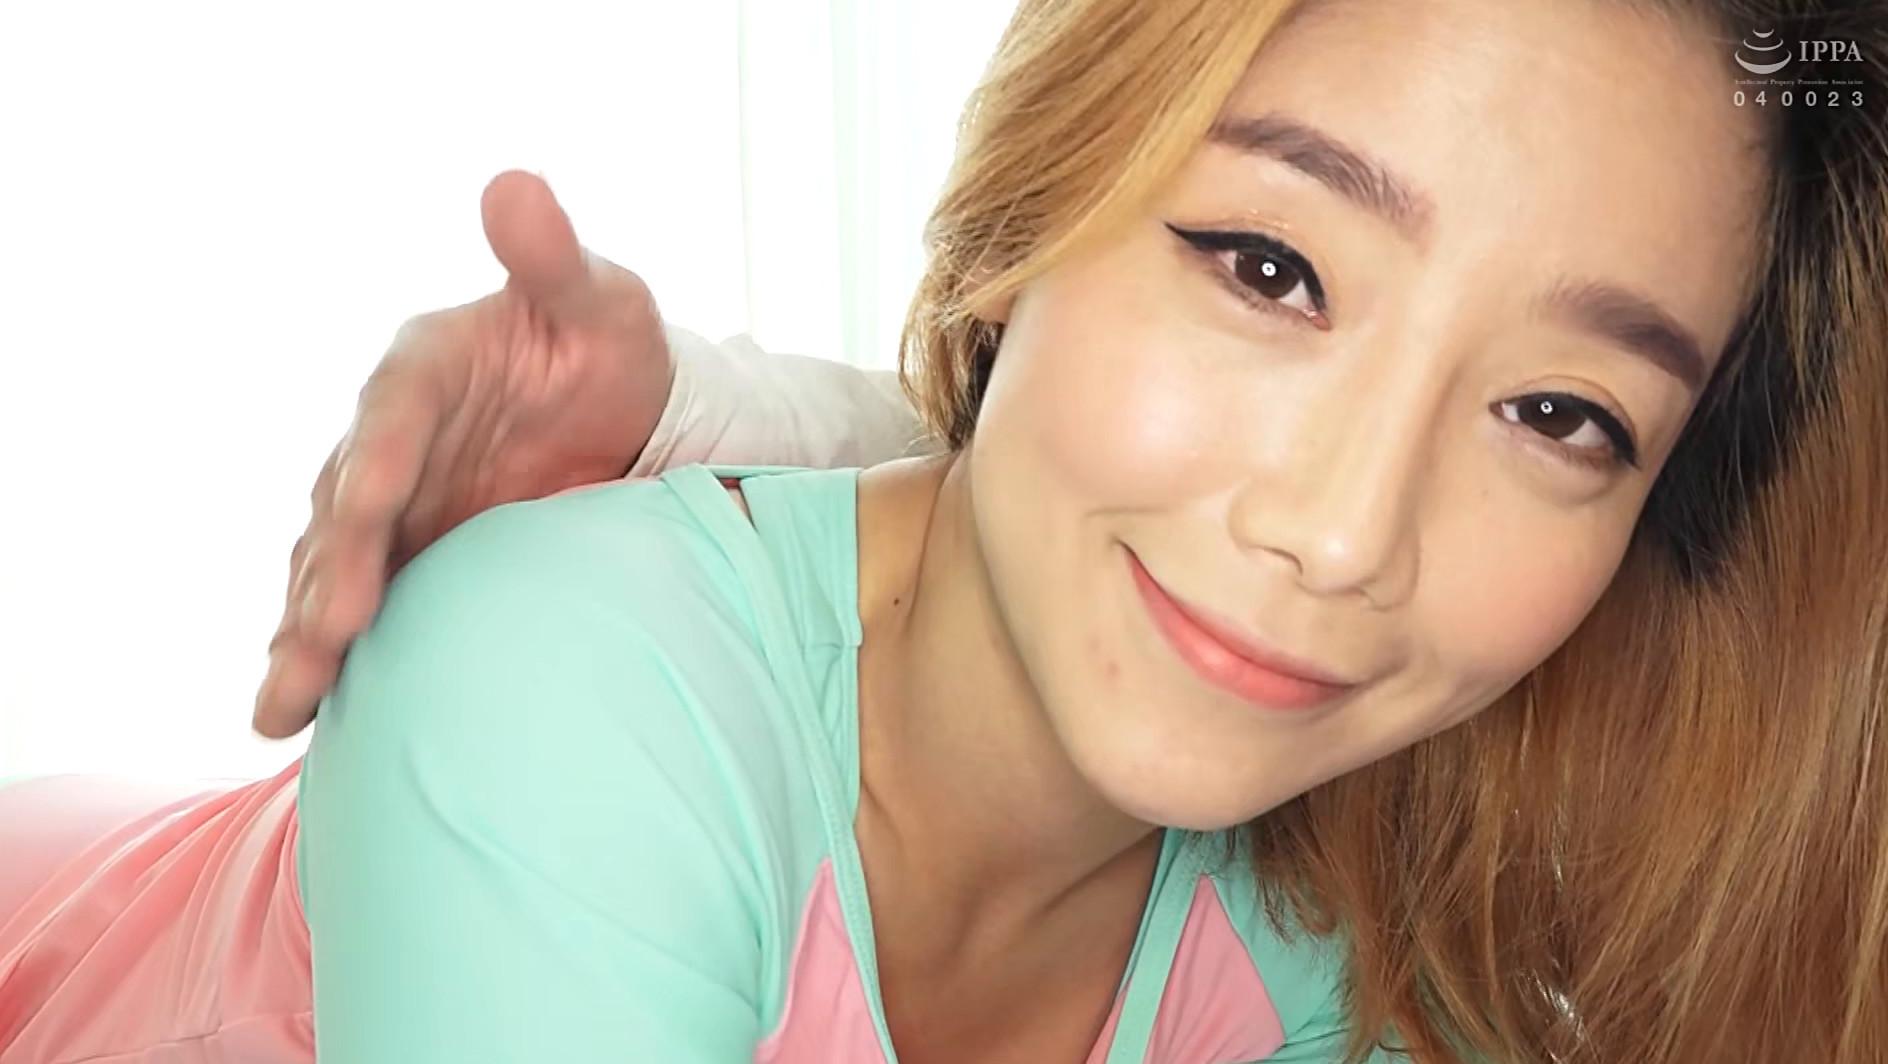 韓国全土で見つけた!凄まじいSEXポテンシャルを持ったオルチャン美女 9人4時間